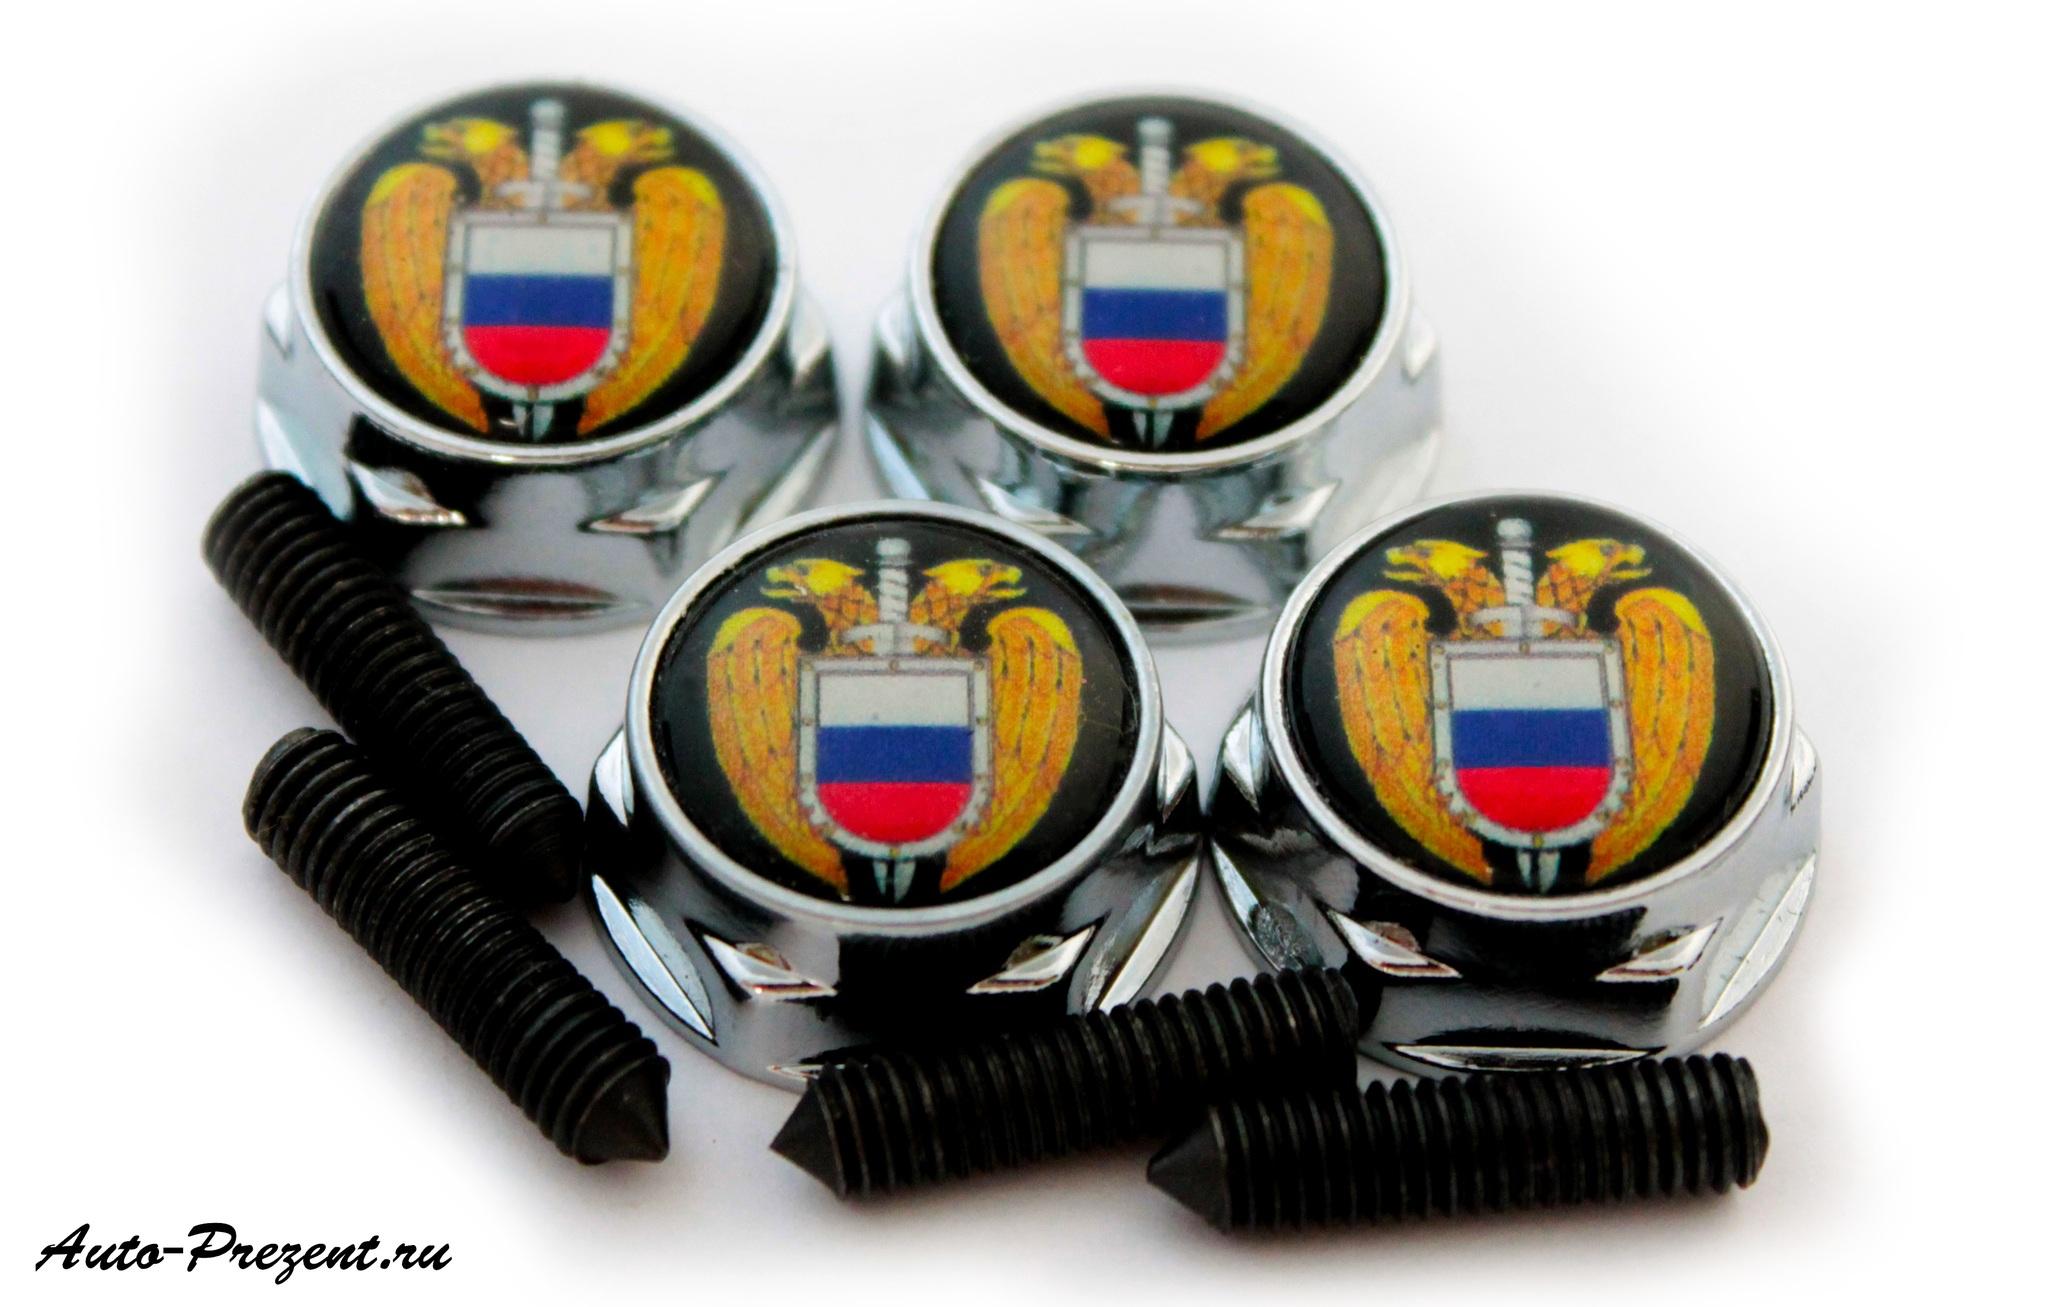 Болты для крепления госномера Федеральная служба охраны (ФСО)